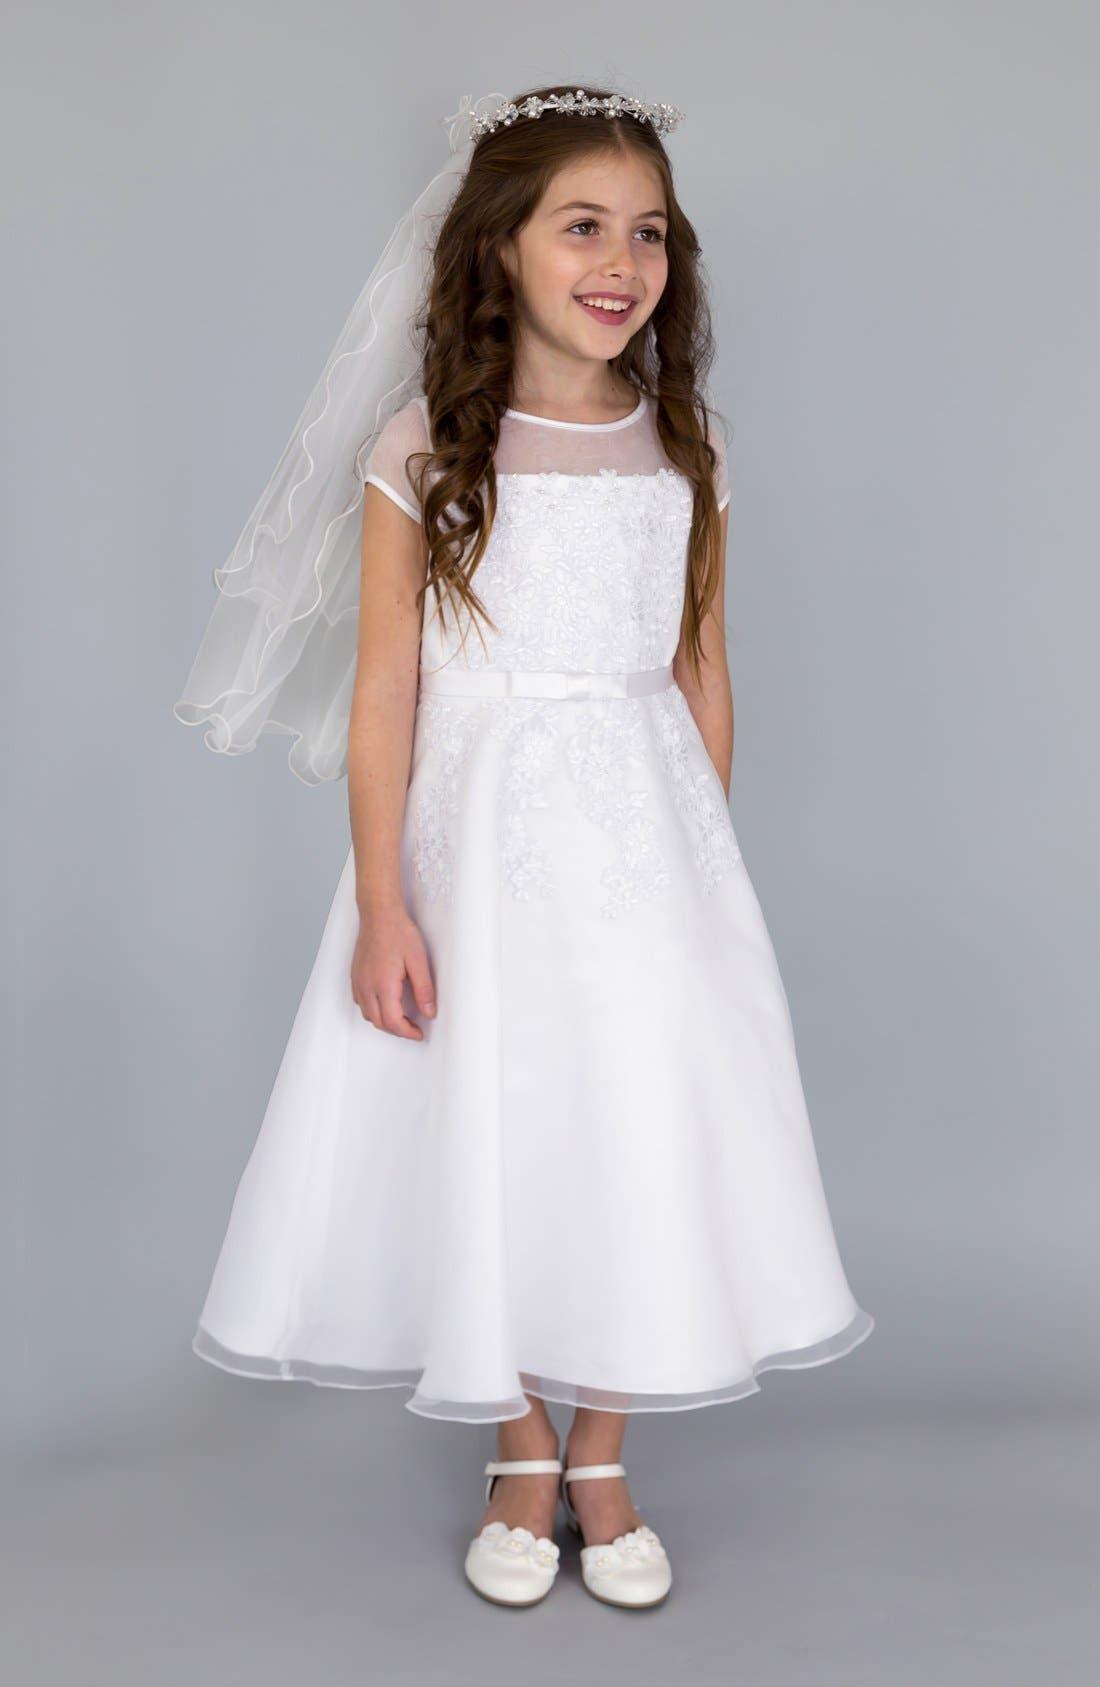 Elegant Dresses for Toddler Girls